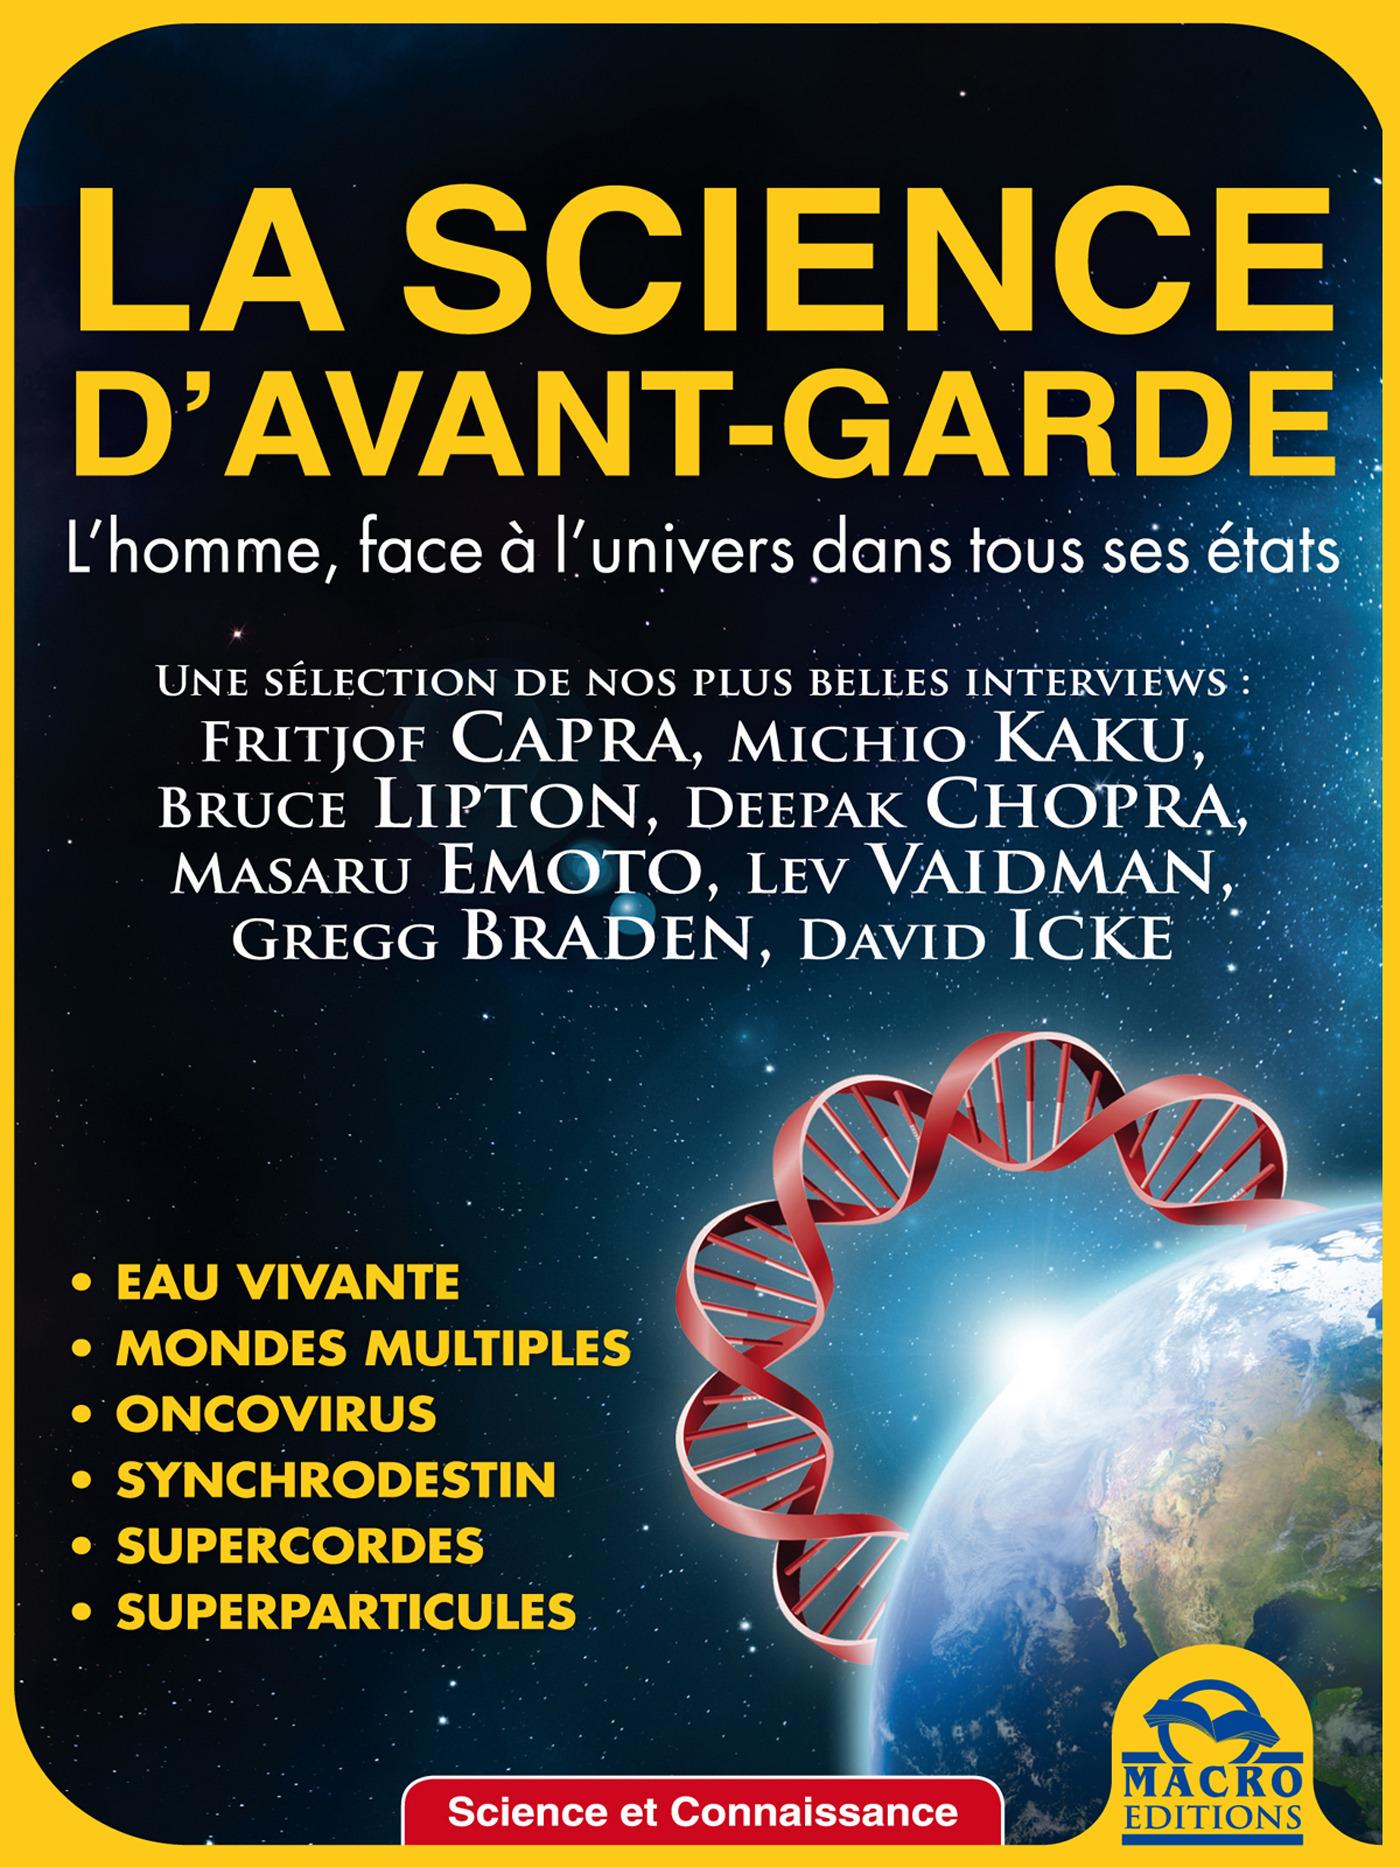 La science d'avant garde (2e édition)